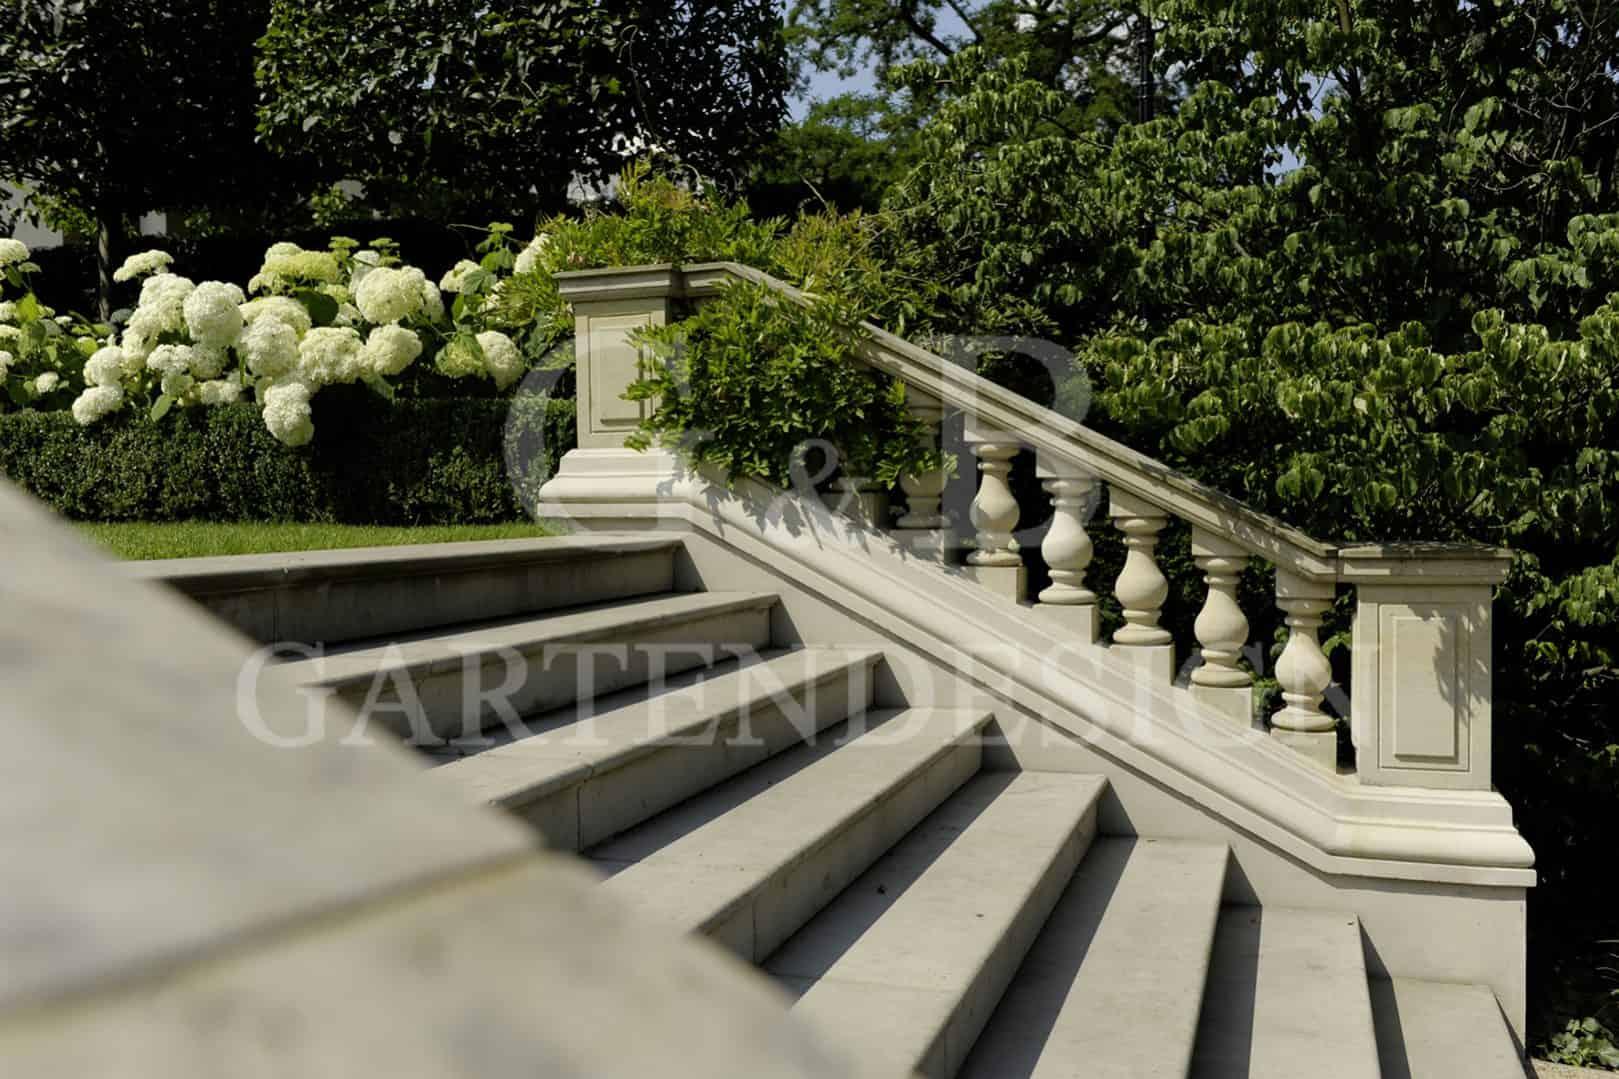 Moderne gartengestaltung exklusiver  Gempp Gartendesign | GARTENGESTALTUNG | LANDSCHAFTSARCHITEKTUR